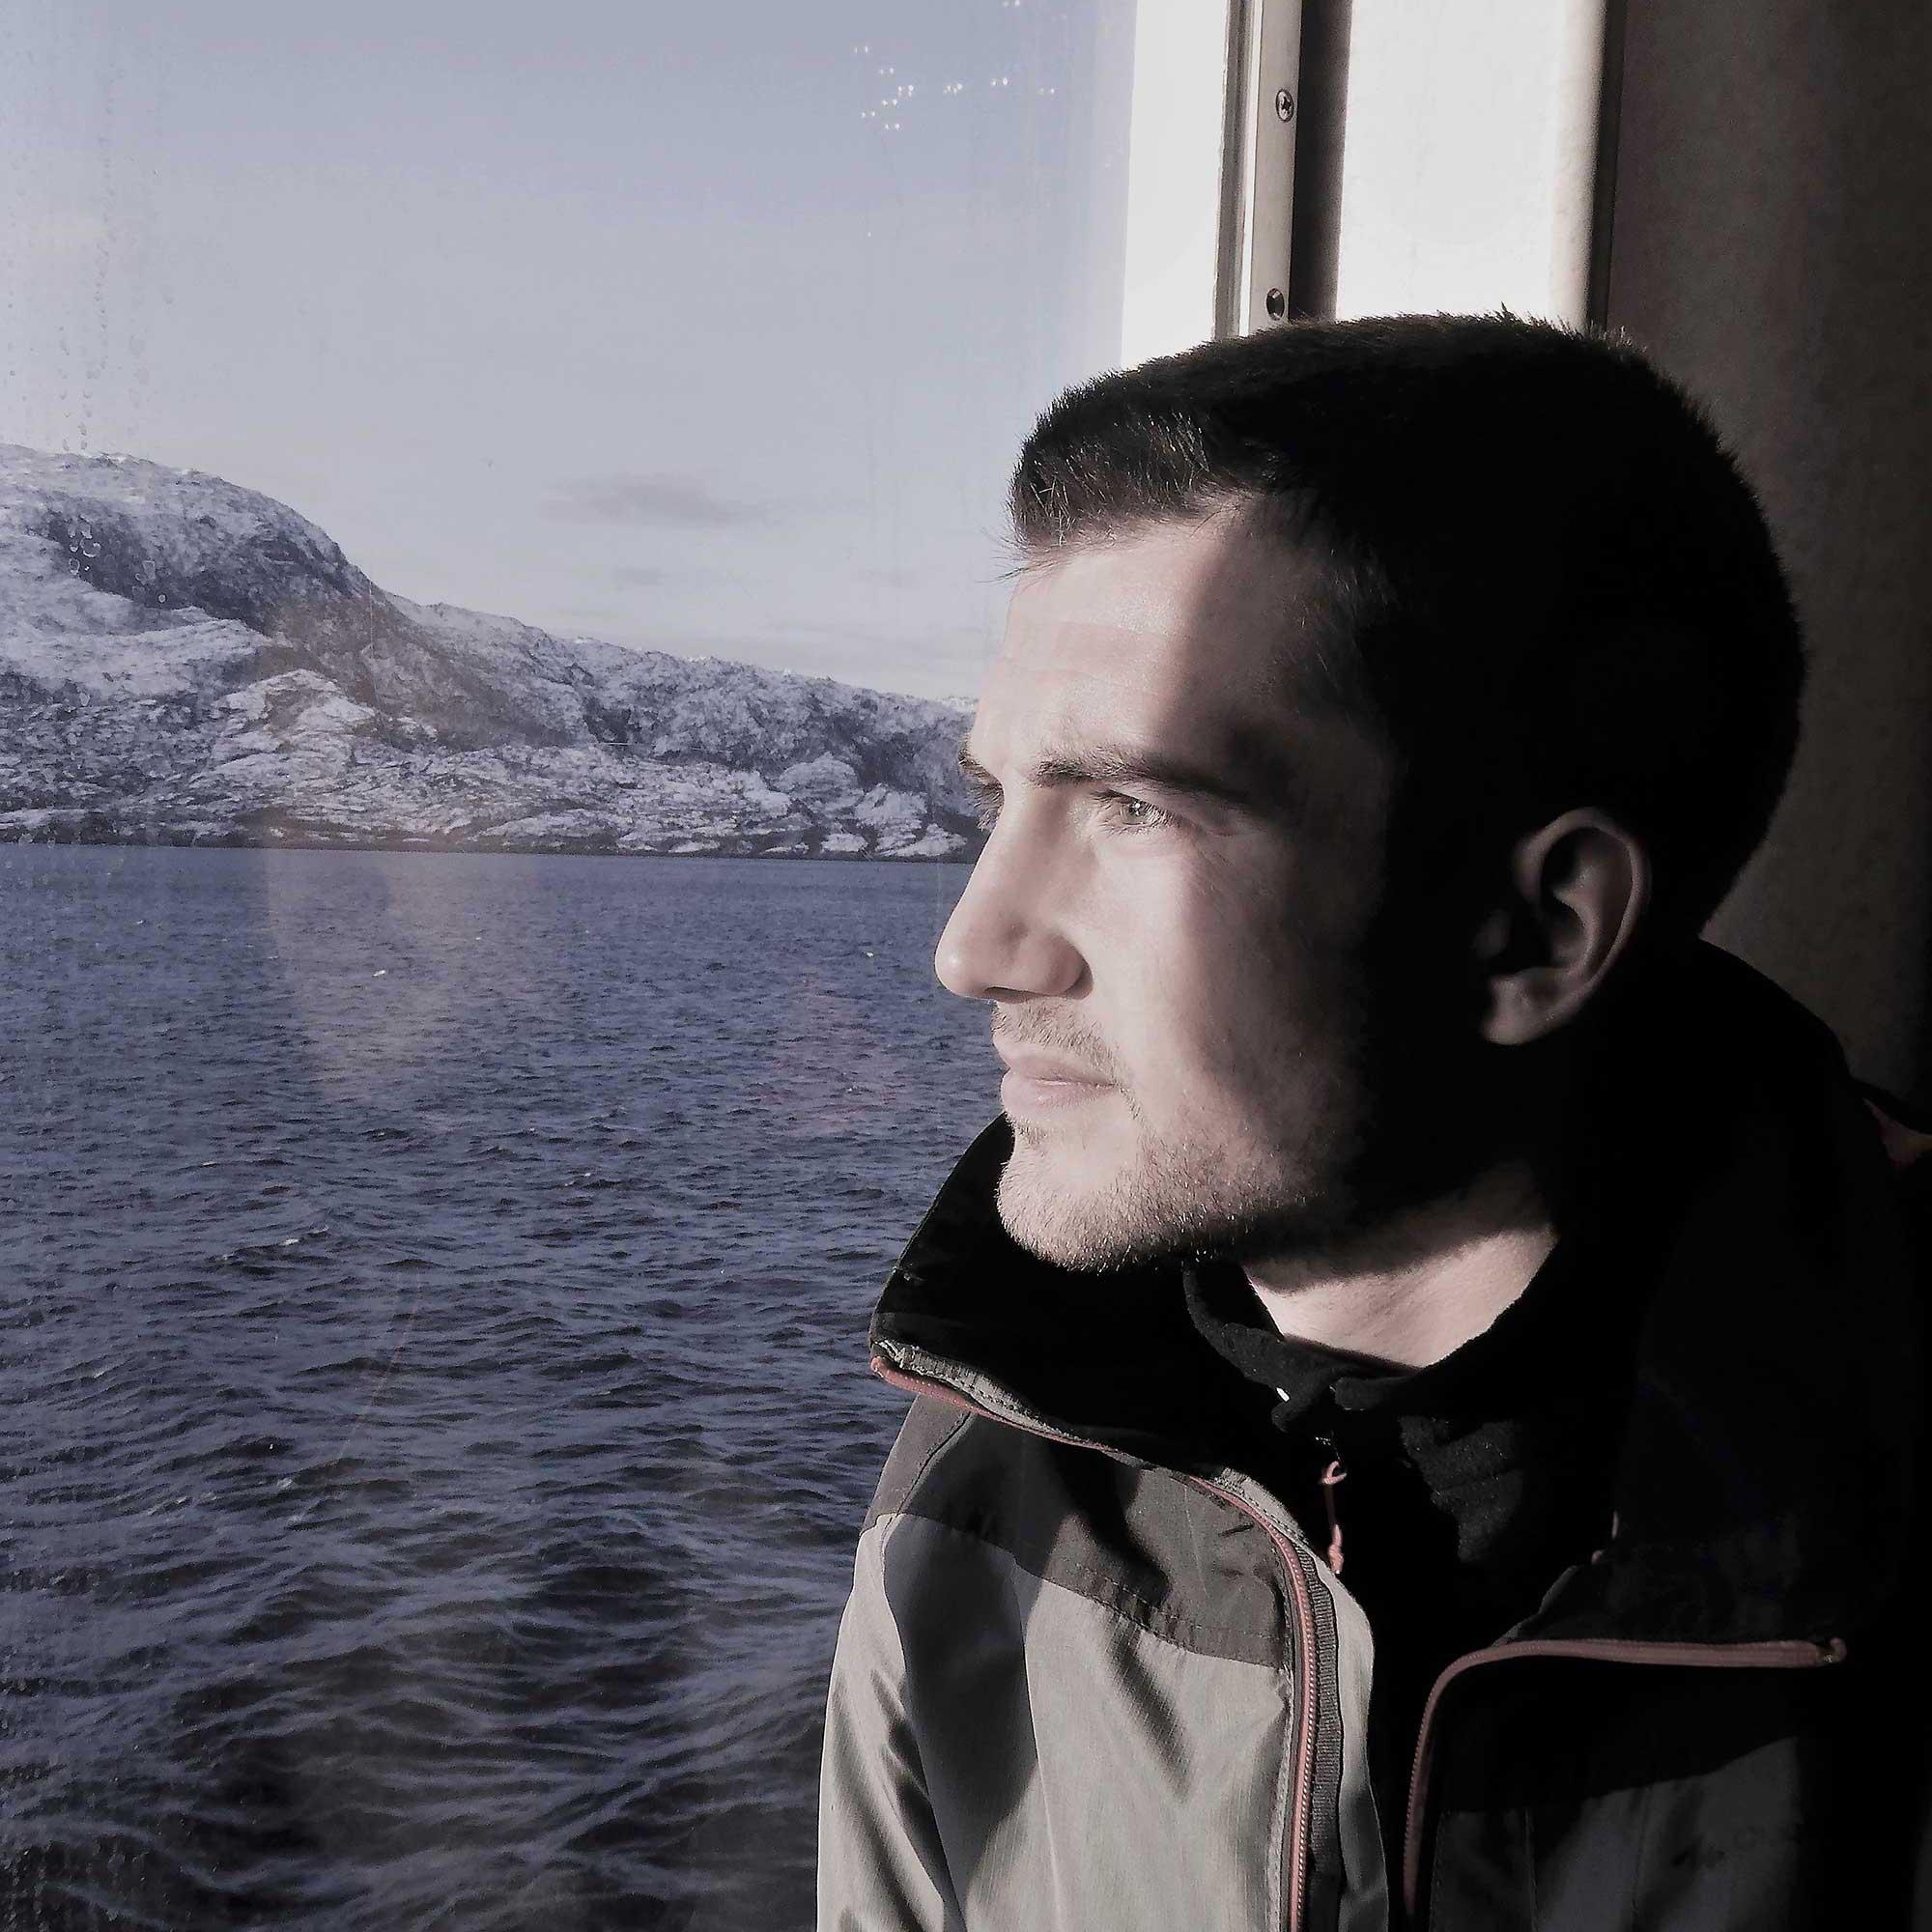 Photo portrait d'un homme de profil dans une cabine de bateau le regard contre la vitre